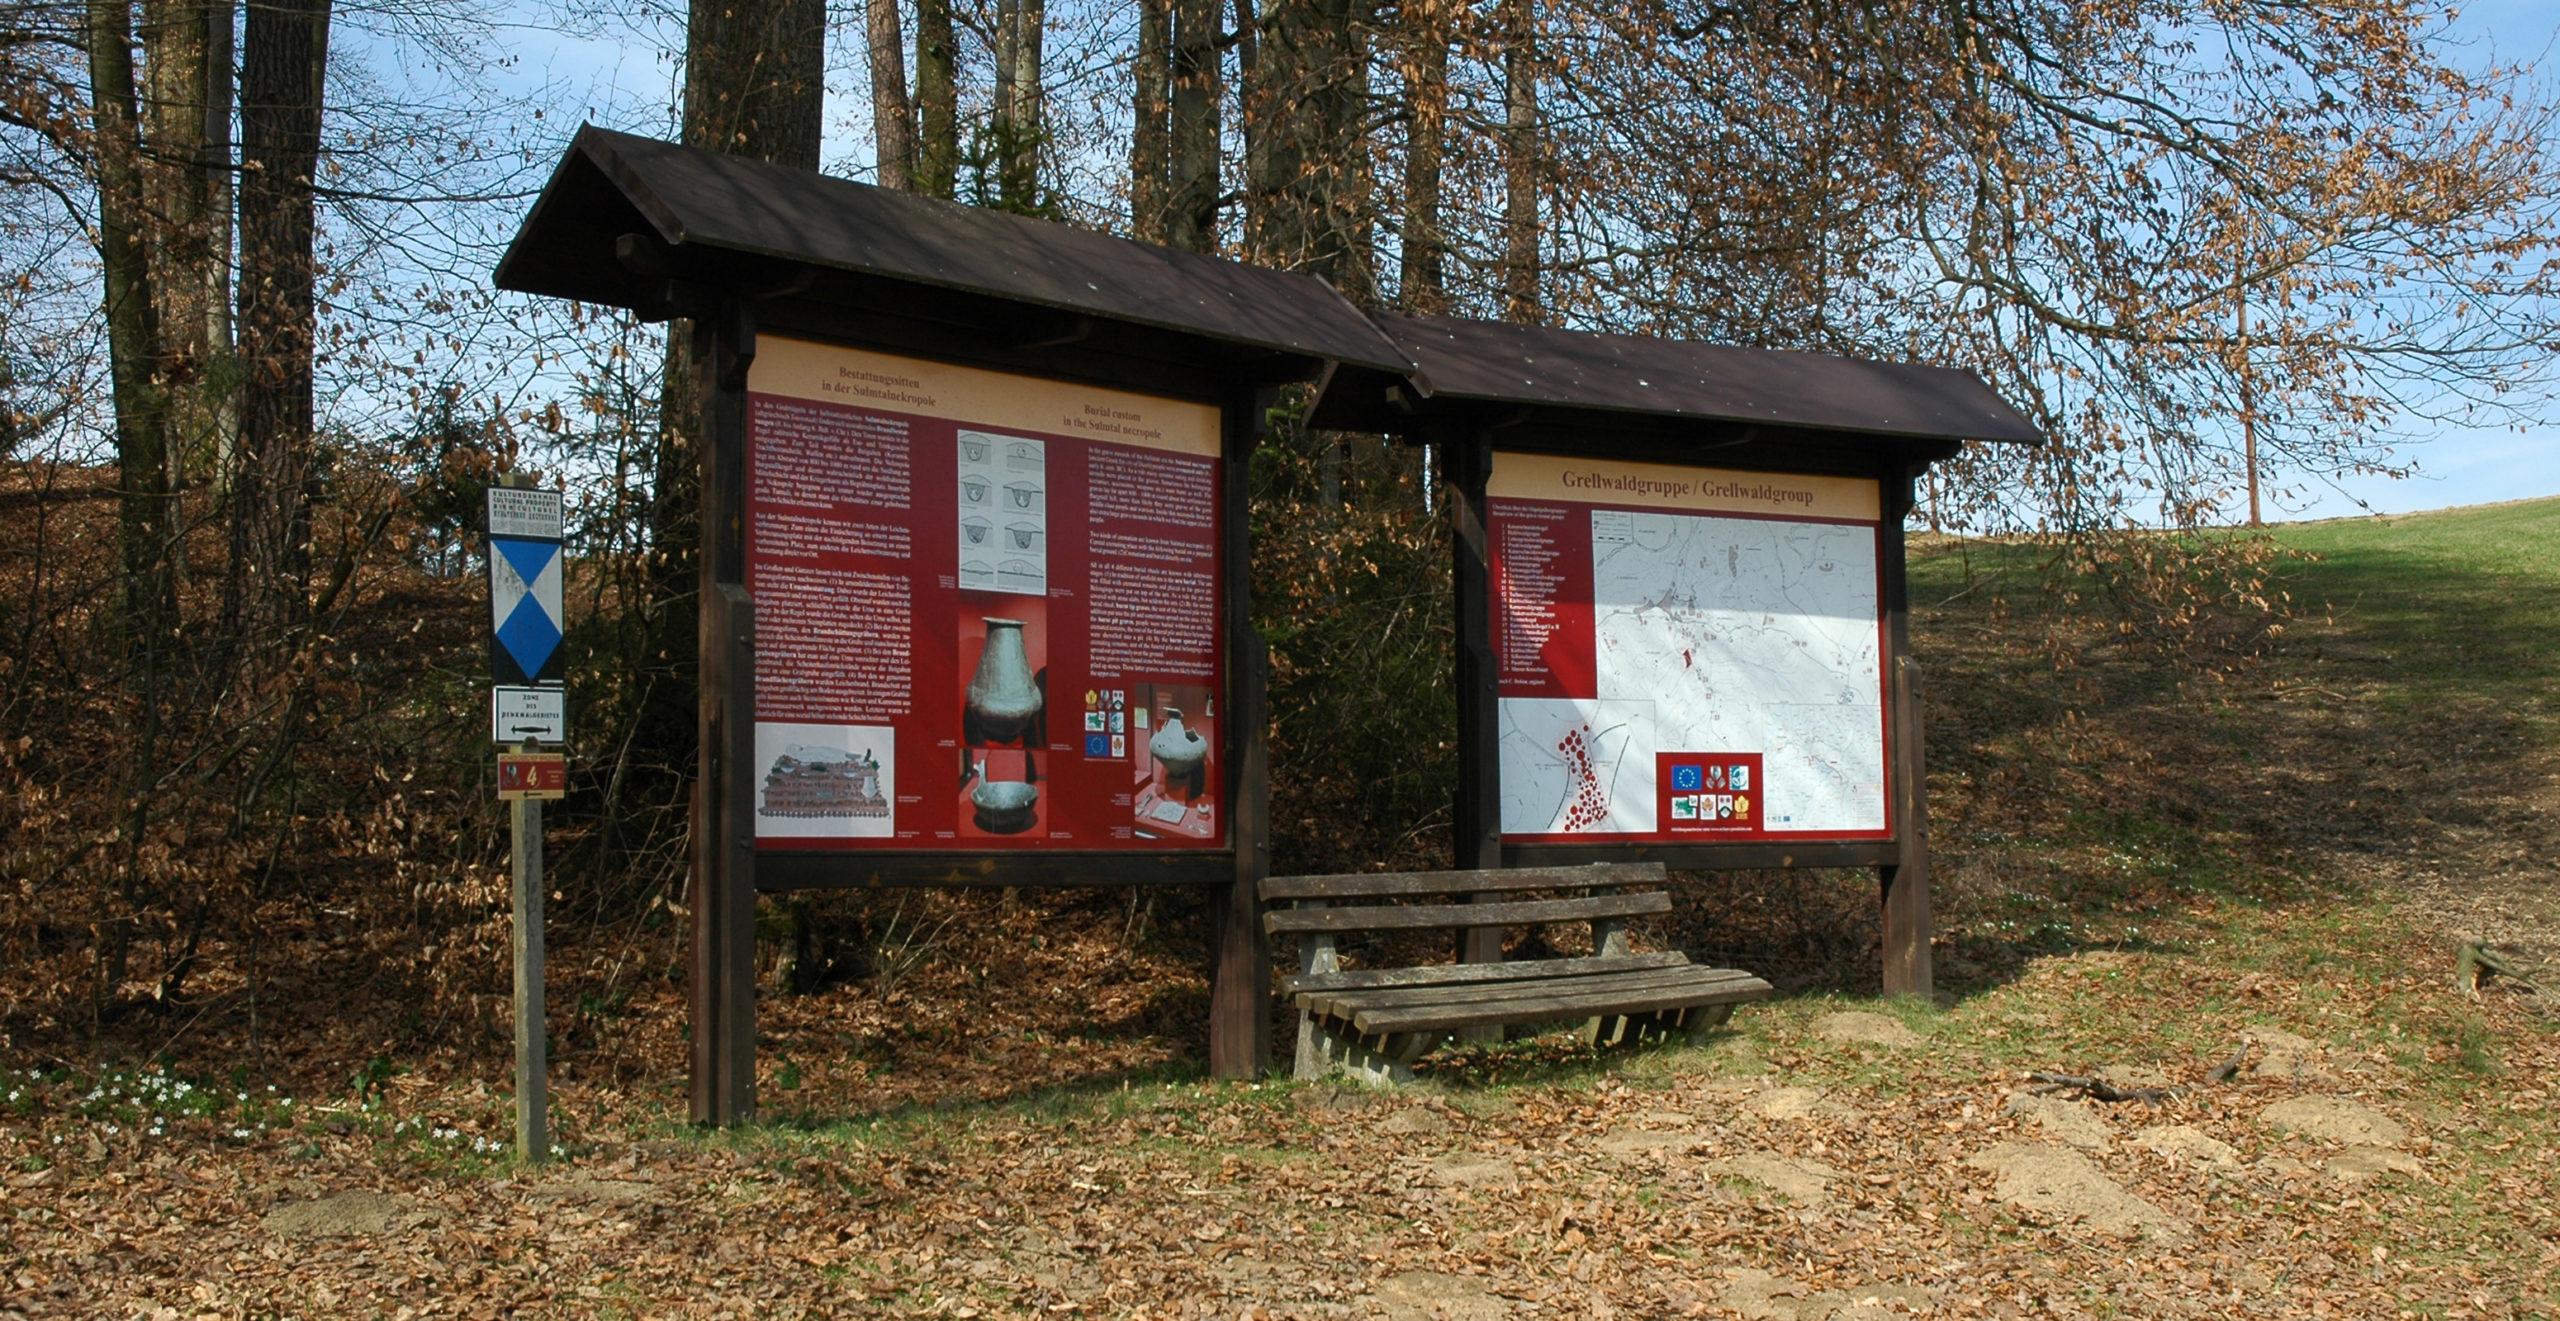 Fotos der Übersichtstafeln bei den Hügelgräbern in Goldes.